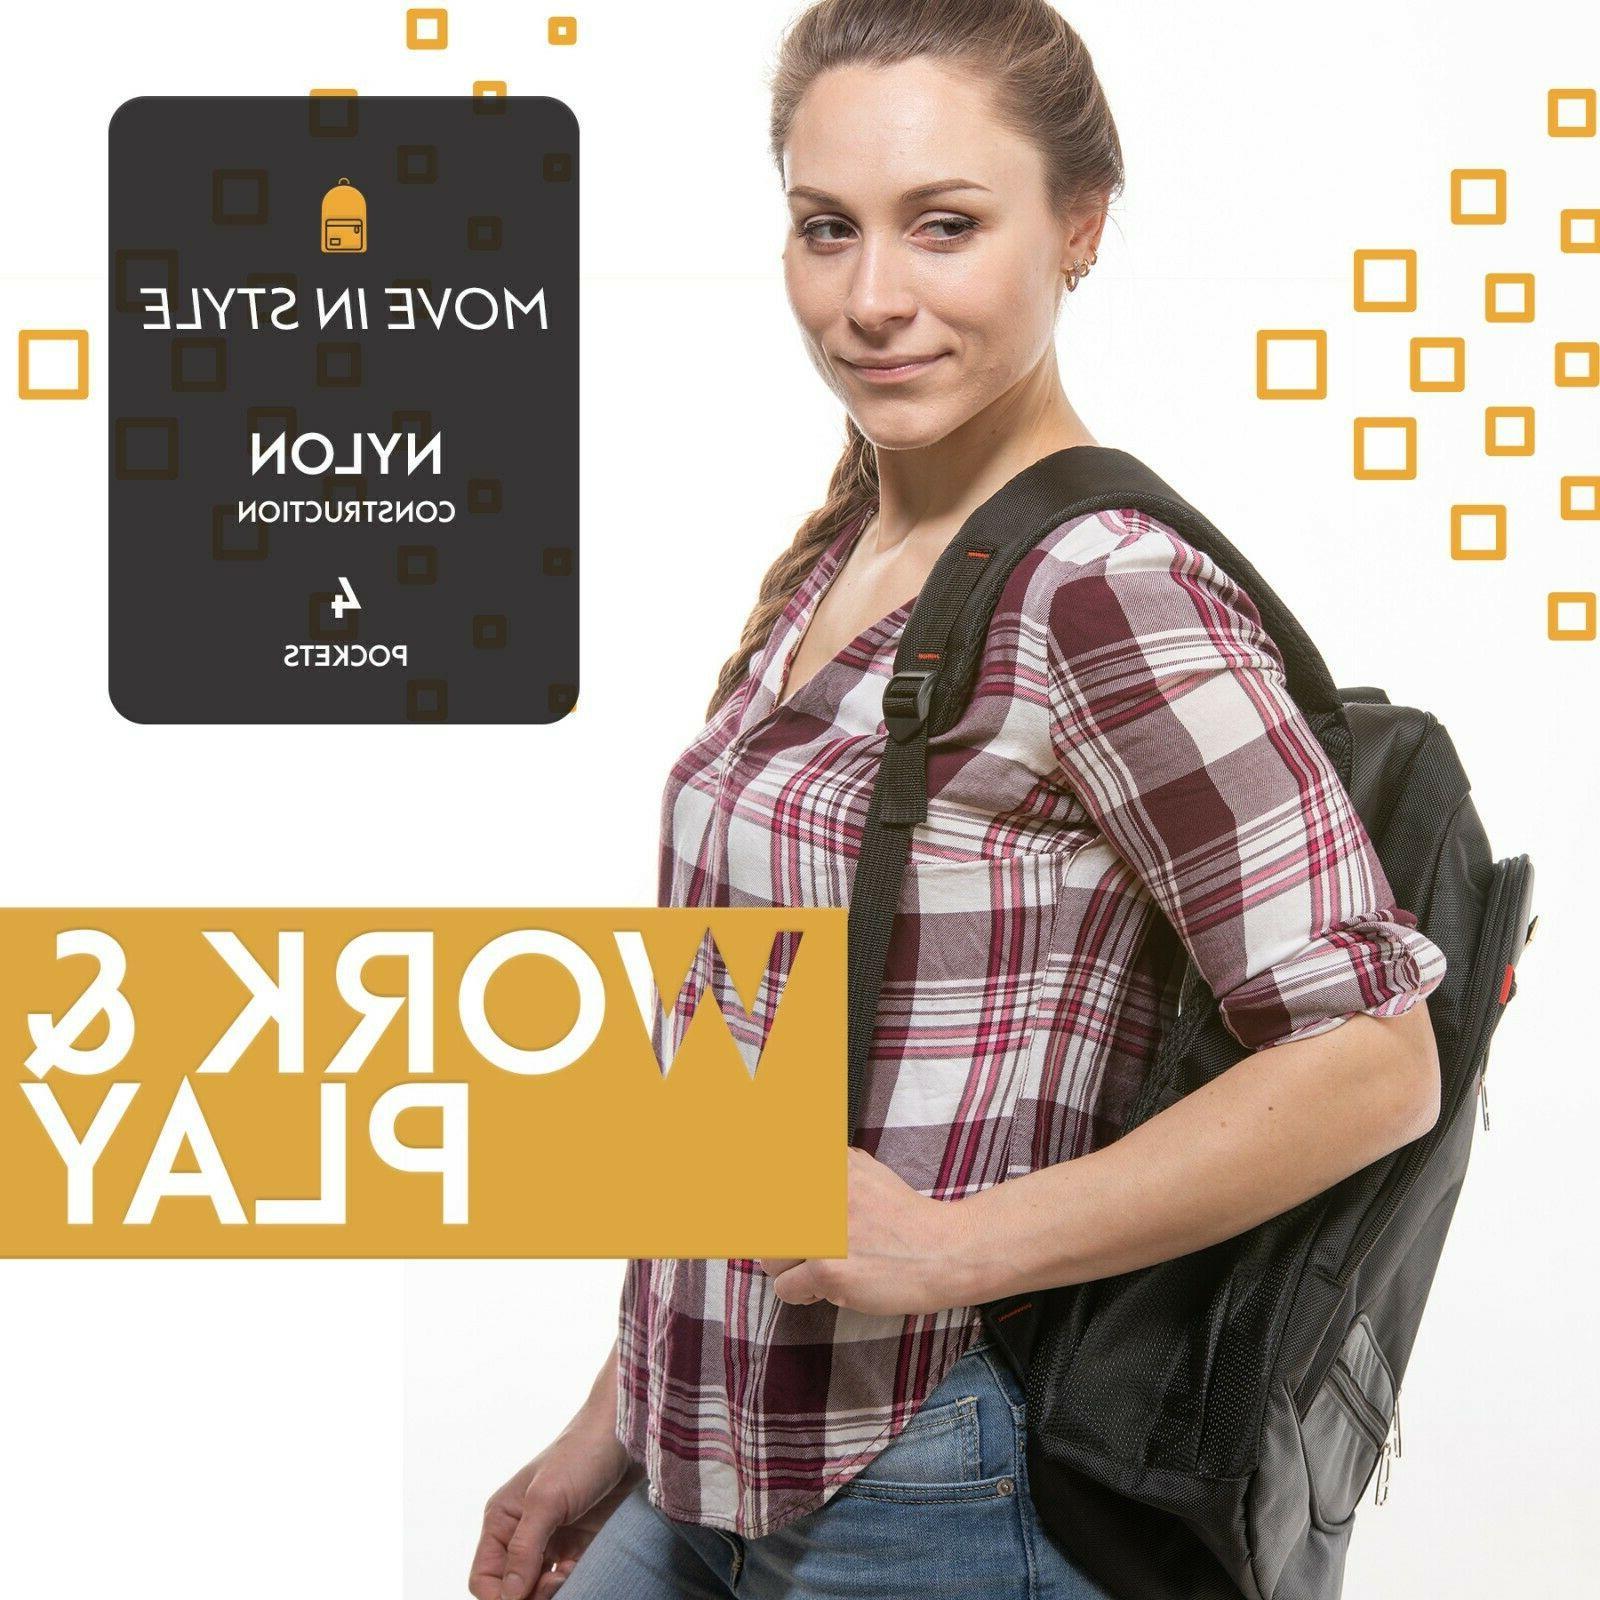 Handsome Man Brands Line Backpack - Fits Laptop